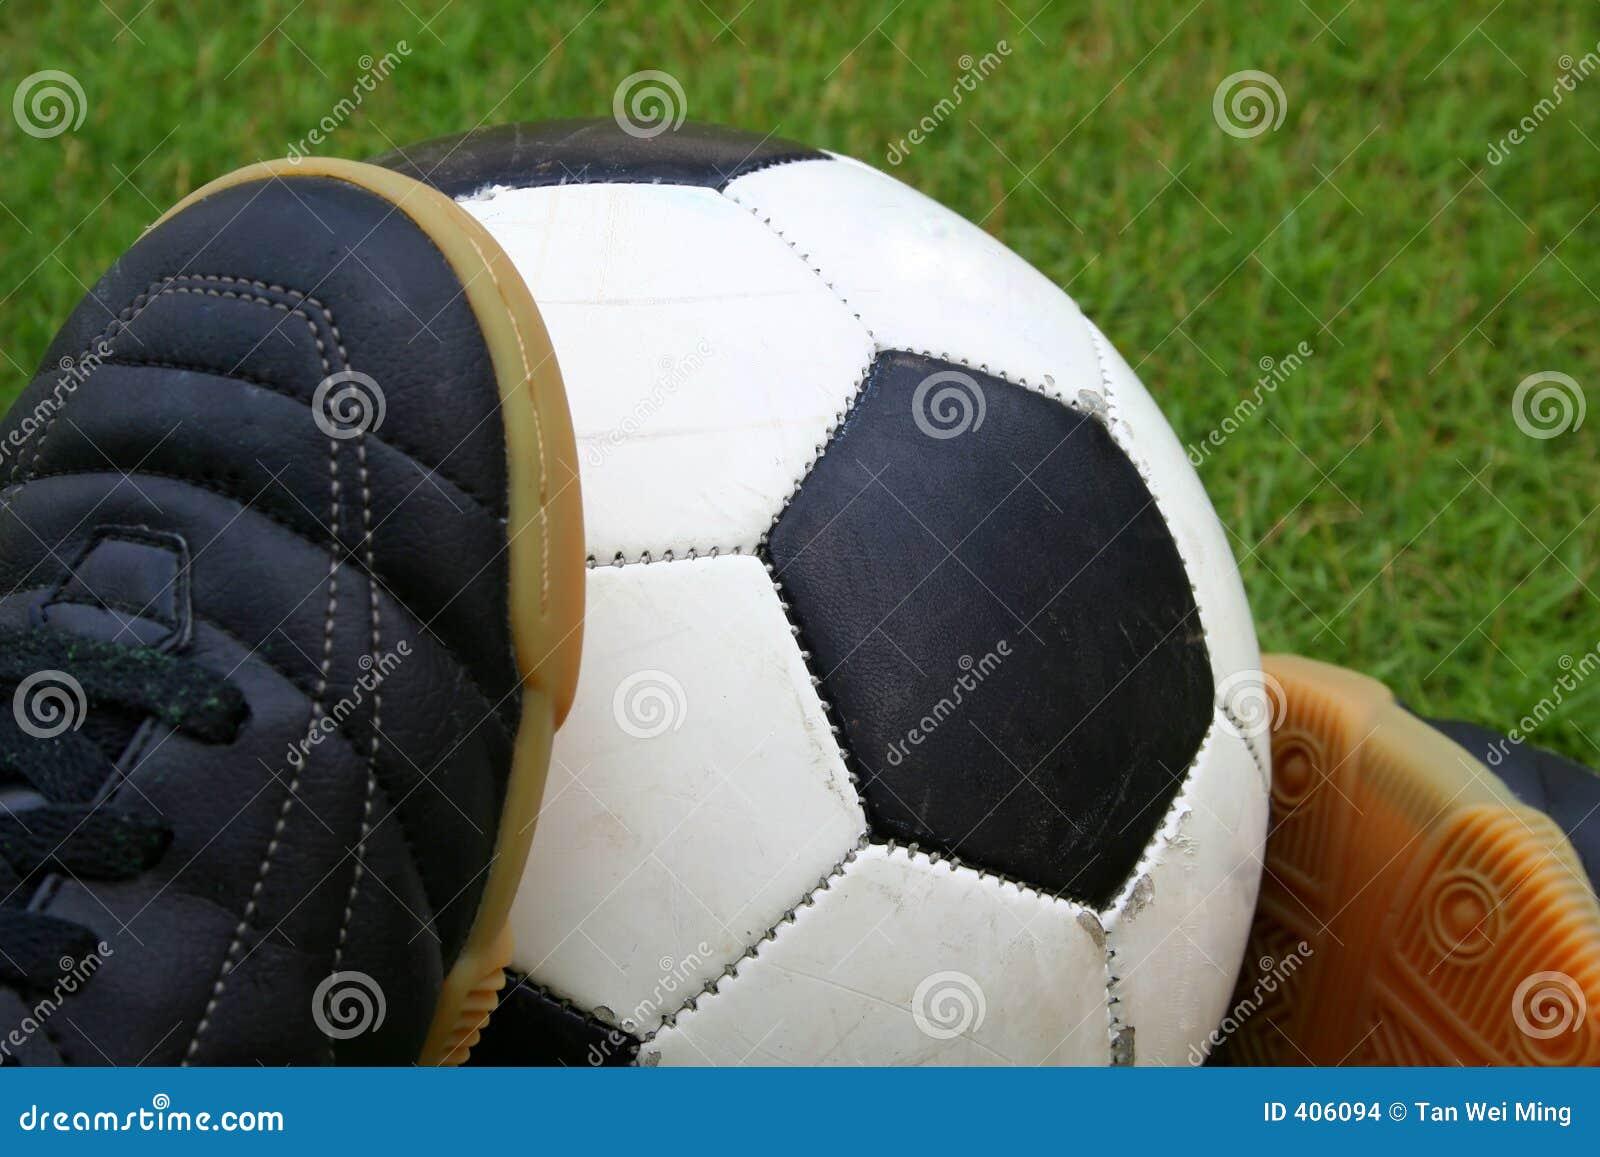 Un balón de fútbol y pares de zapatos